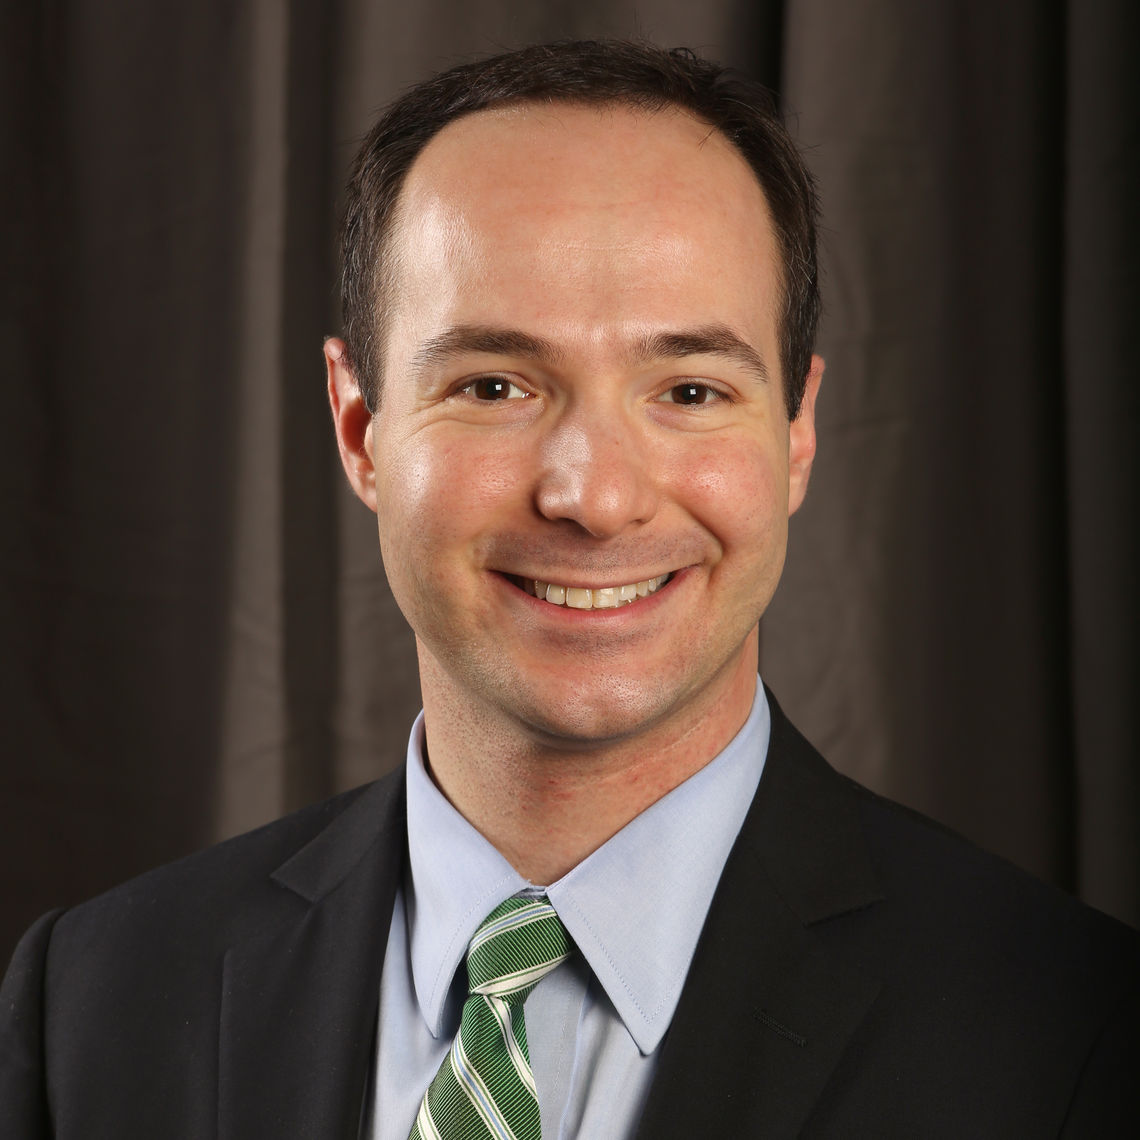 Dr. Brian Samble